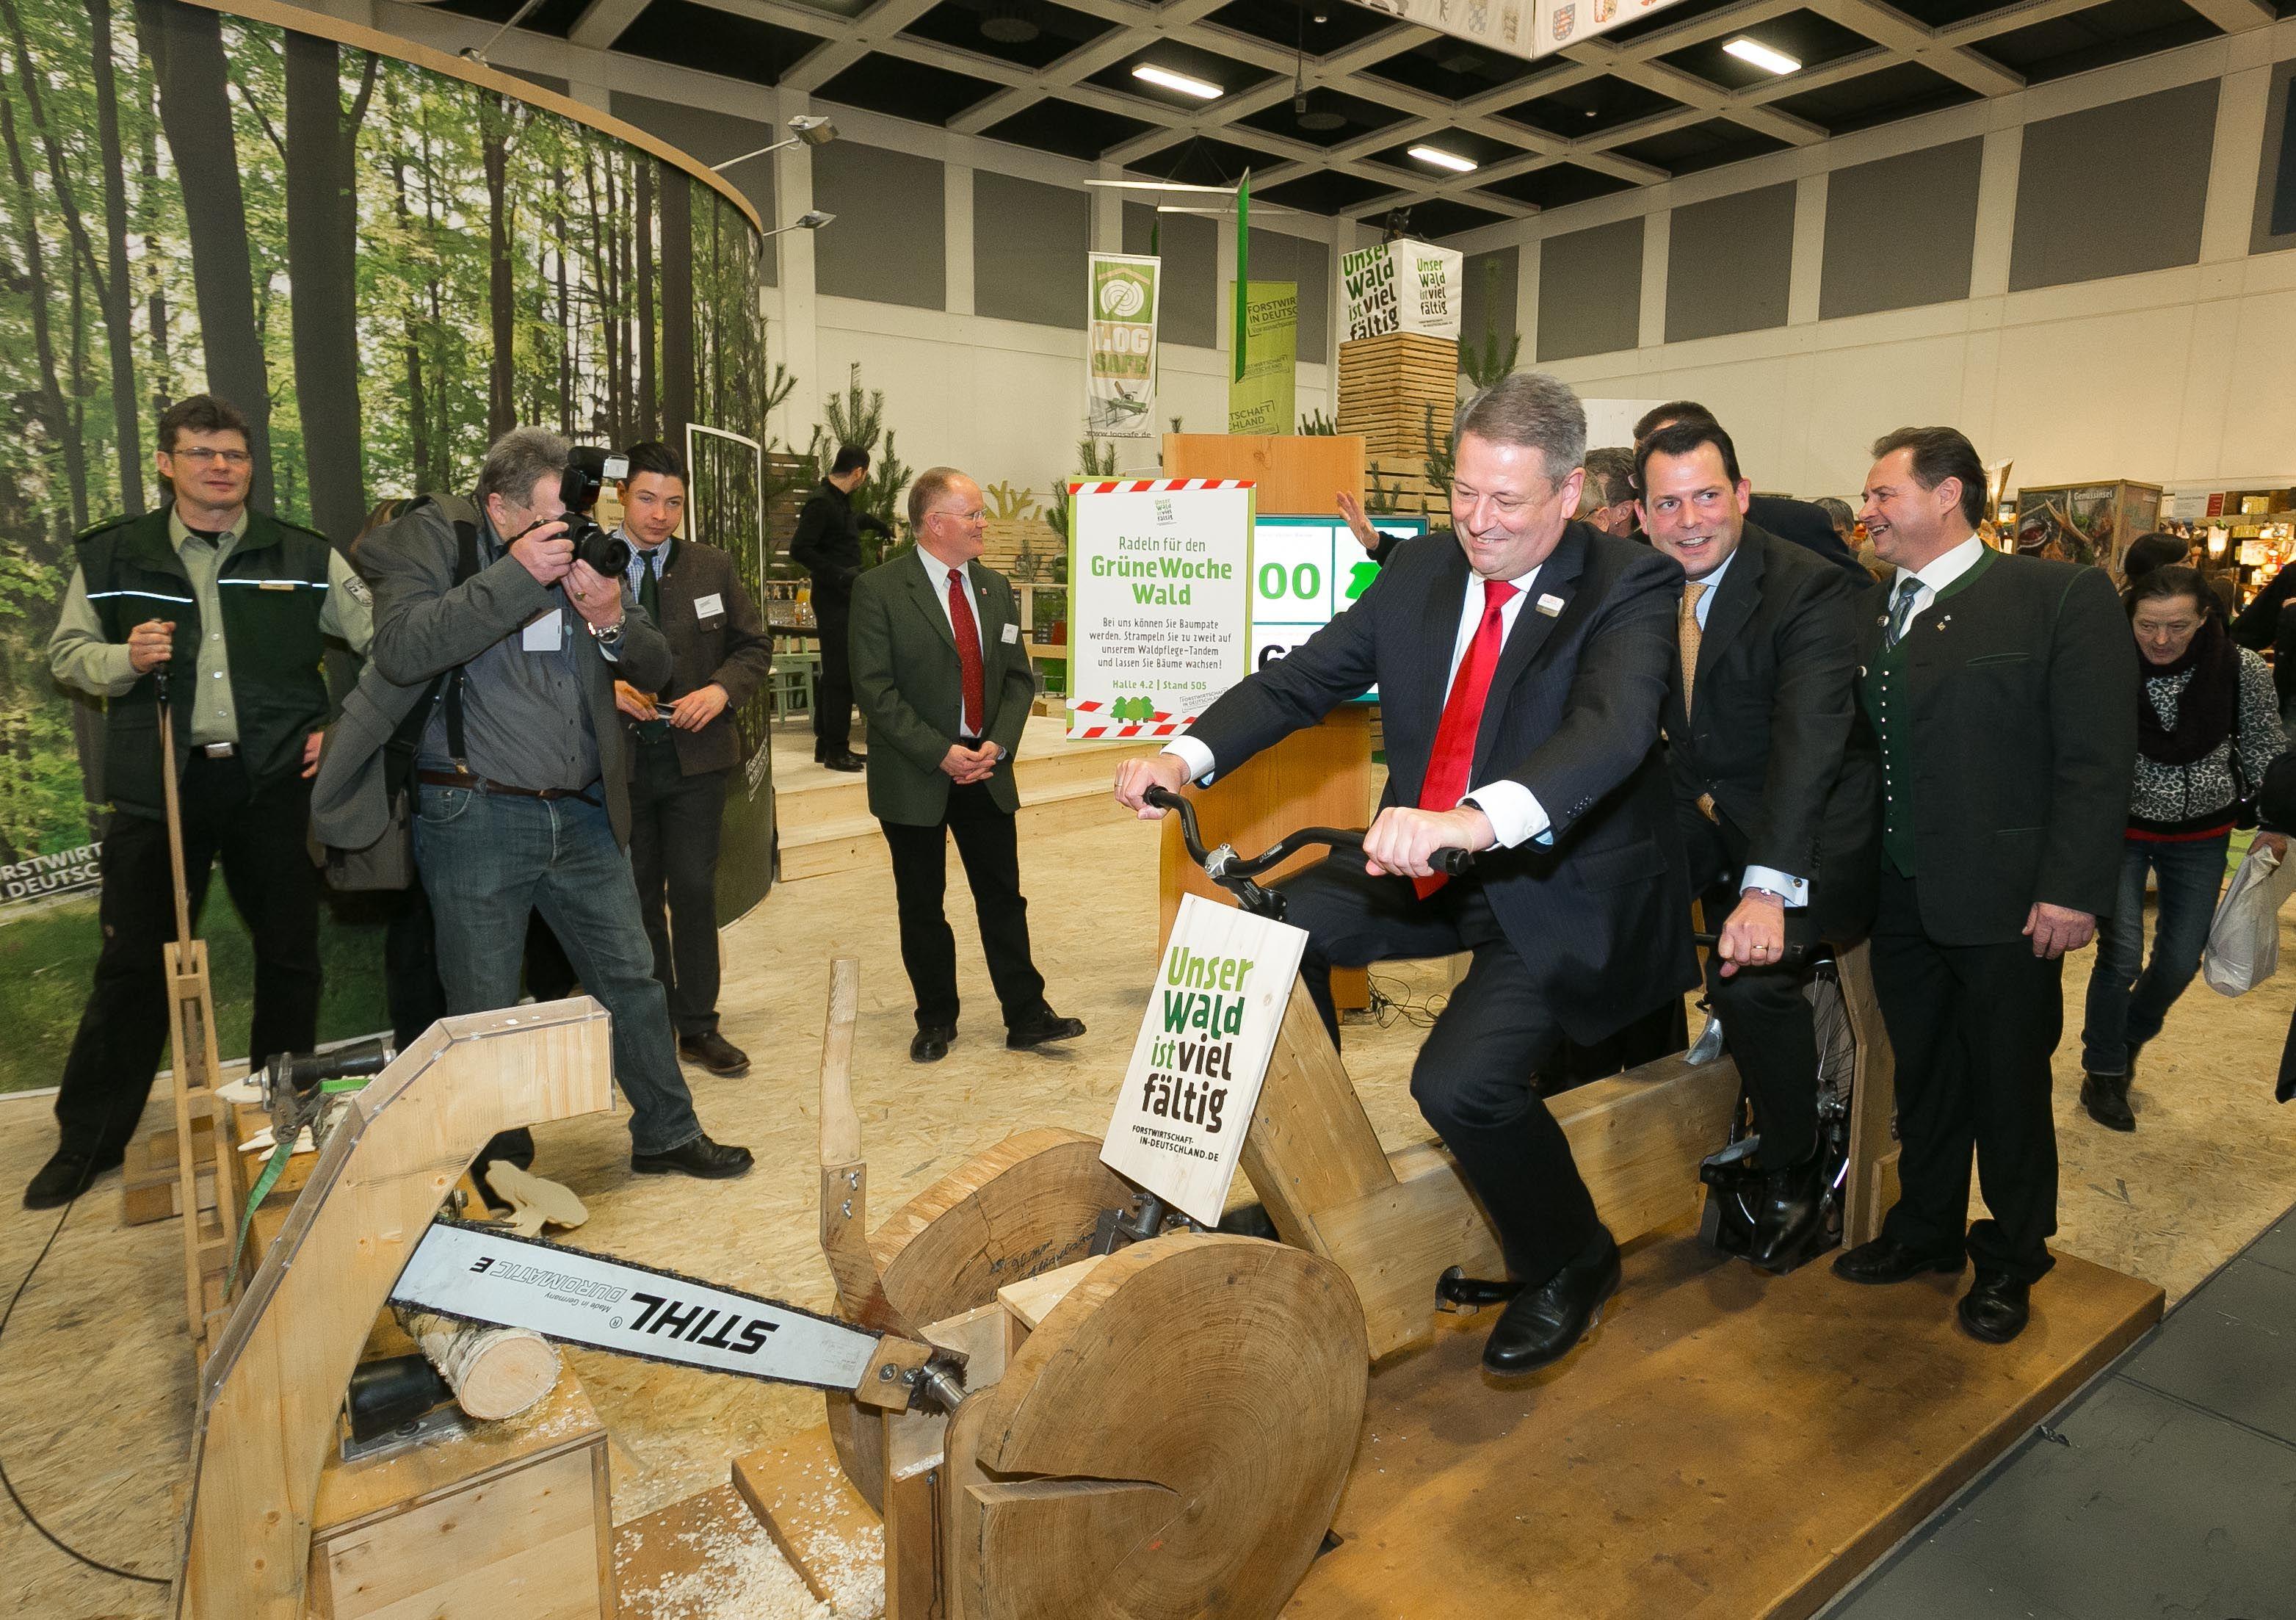 Internationale Grüne Woche in Berlin: Eröffnung der Woodbox mit einem Holzrad